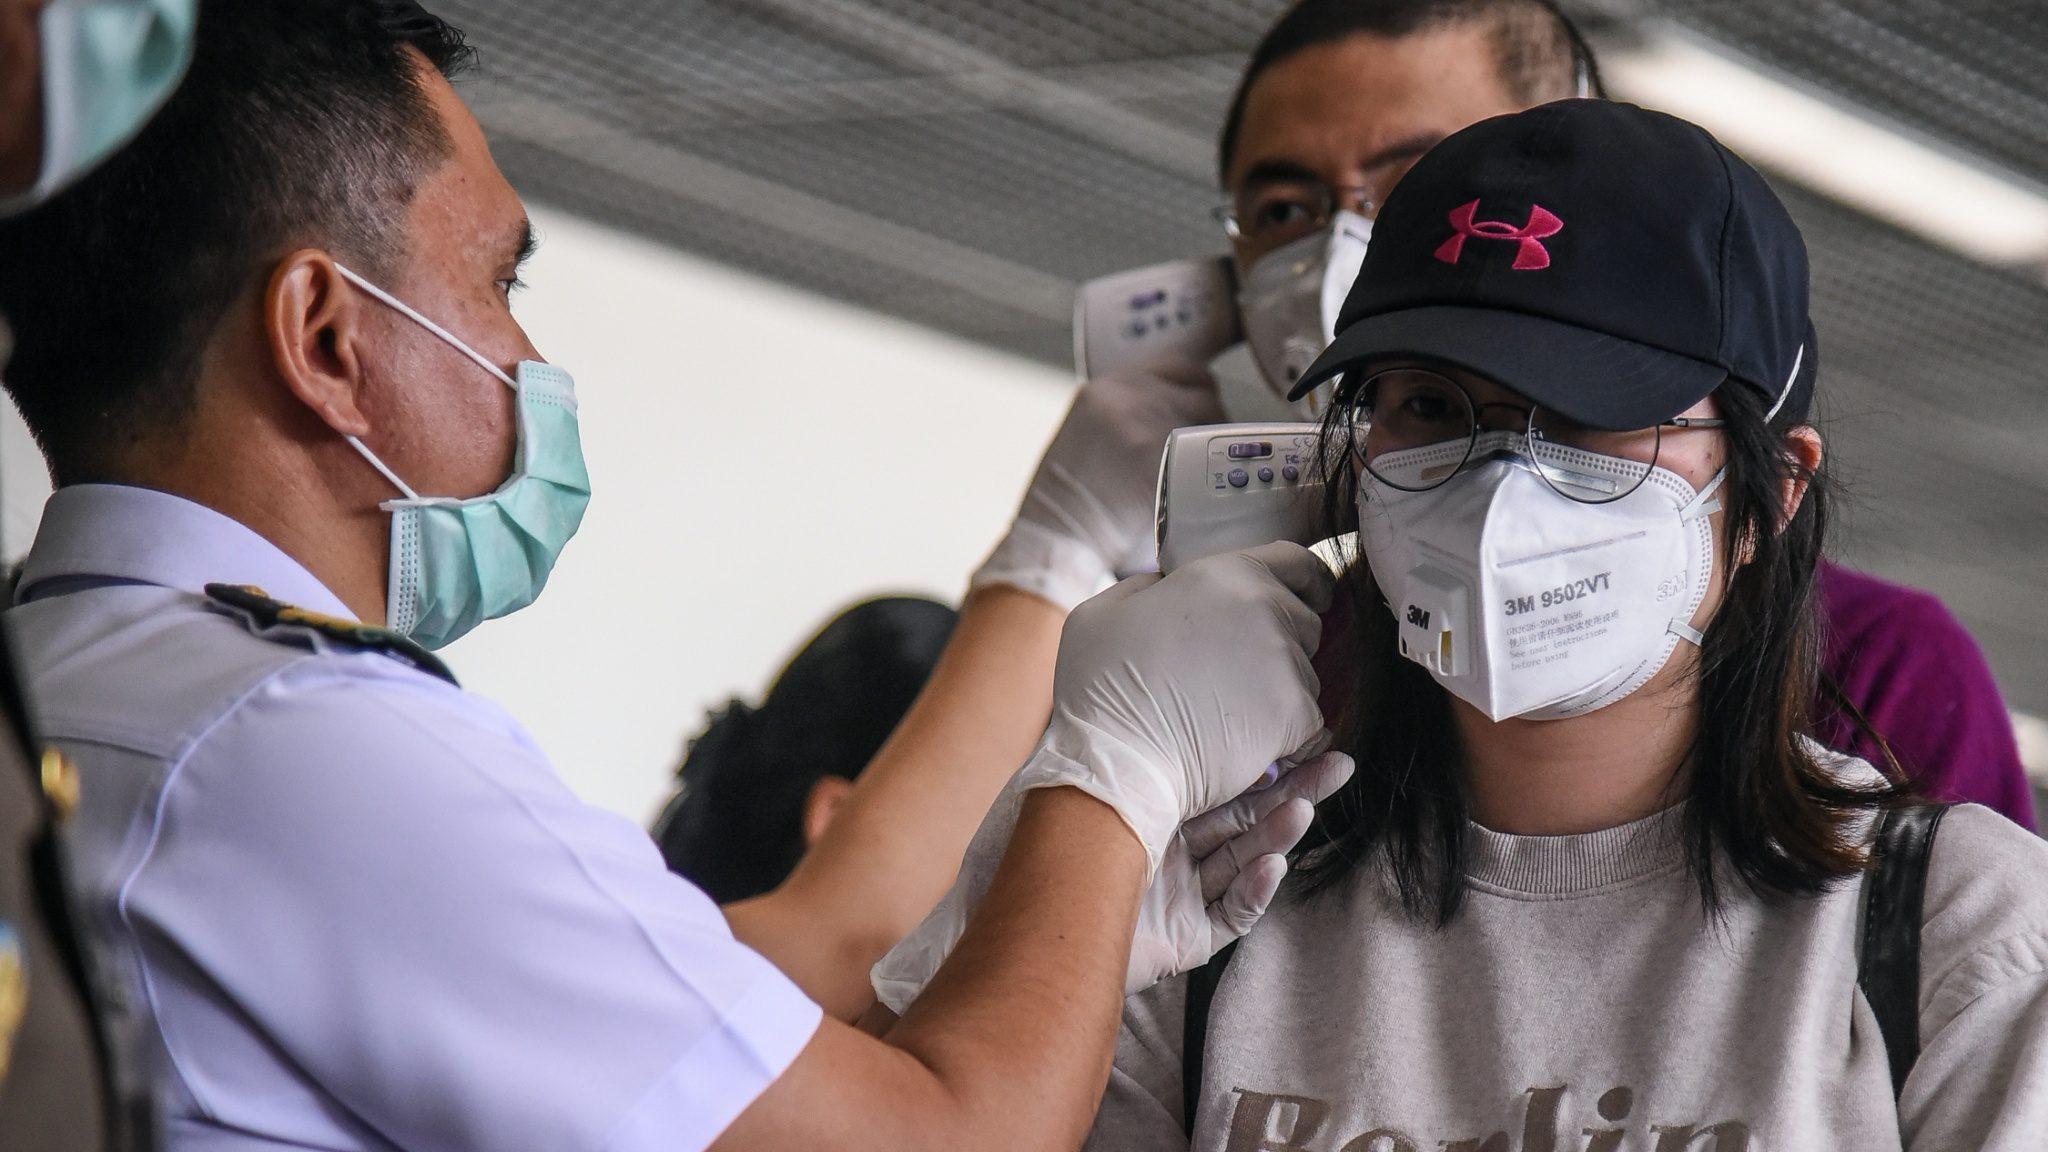 ผู้ว่าฯ นนท์ ประกาศปิดสถานที่ชั่วคราว 14 วัน ตามมาตรการป้องกันไวรัสโควิด-19 ของรัฐบาล